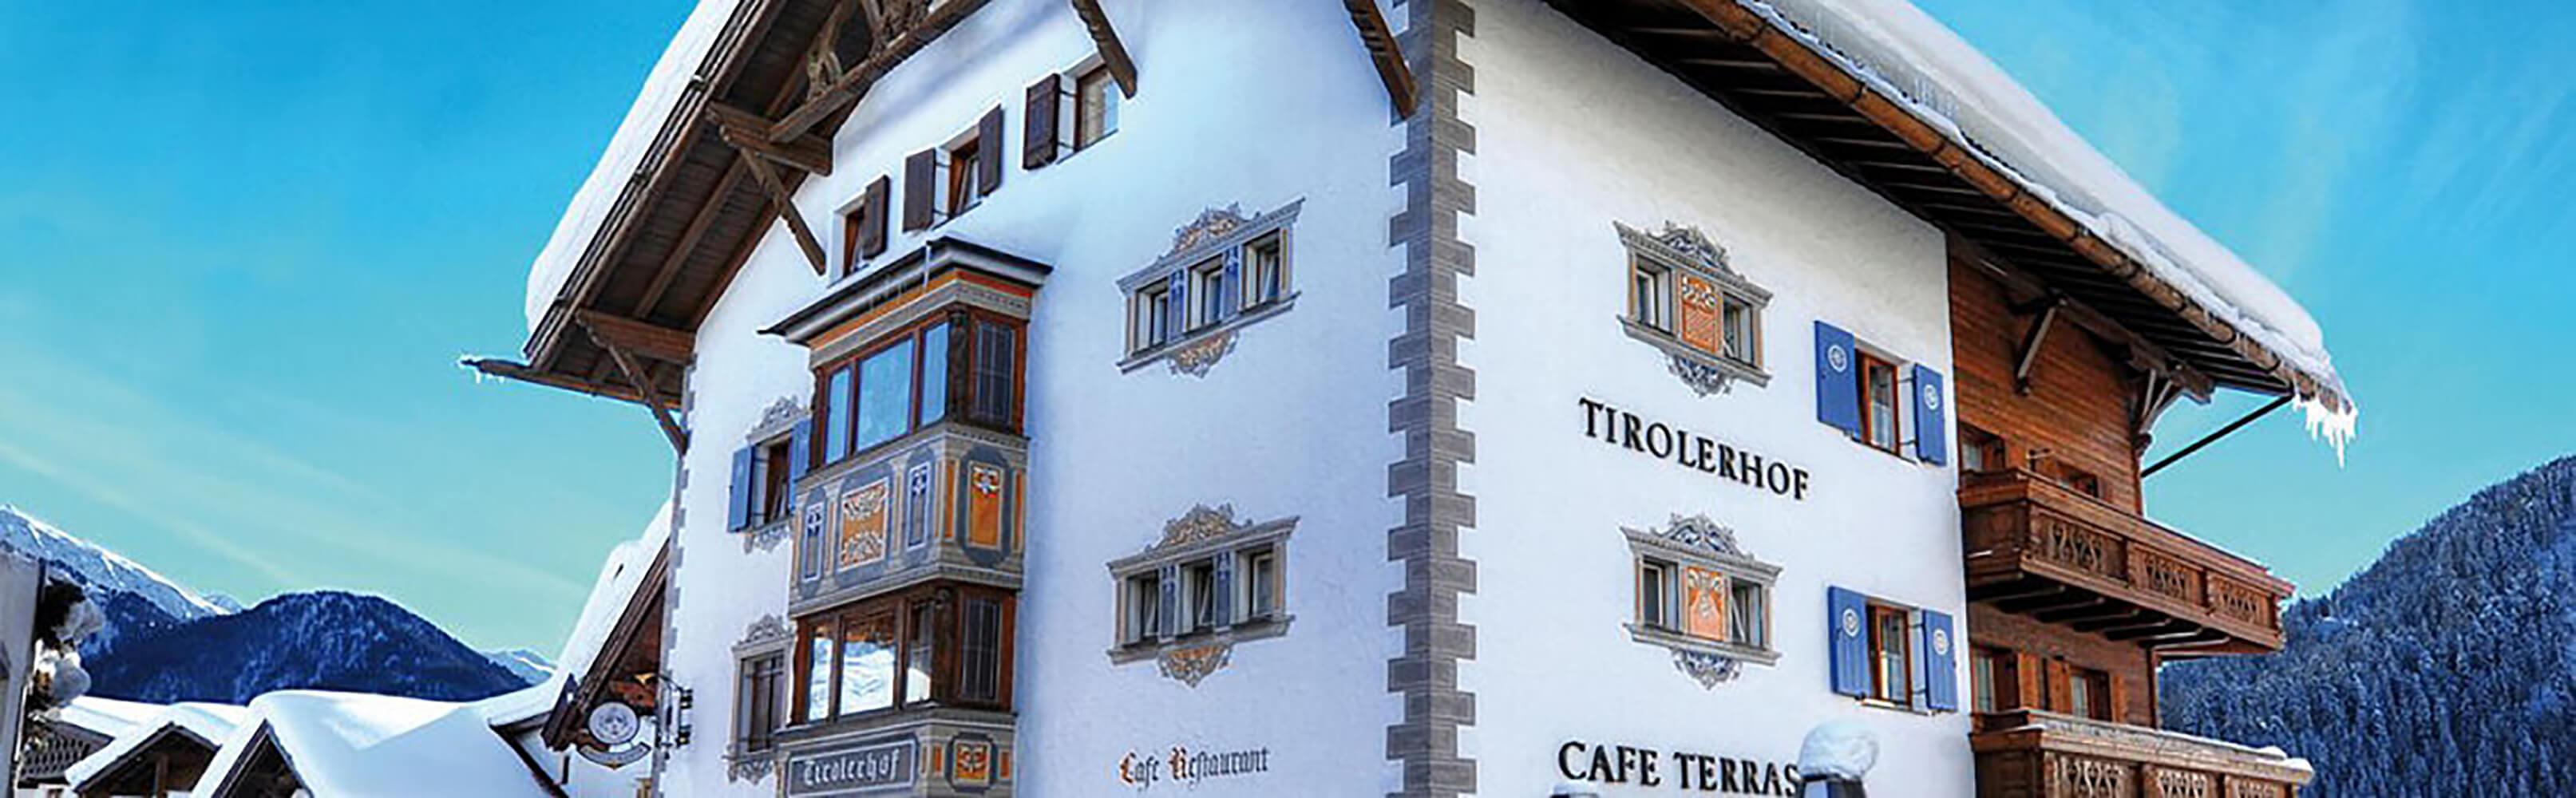 Tirolerhof - 3 Sterne Hotel in Serfaus 1